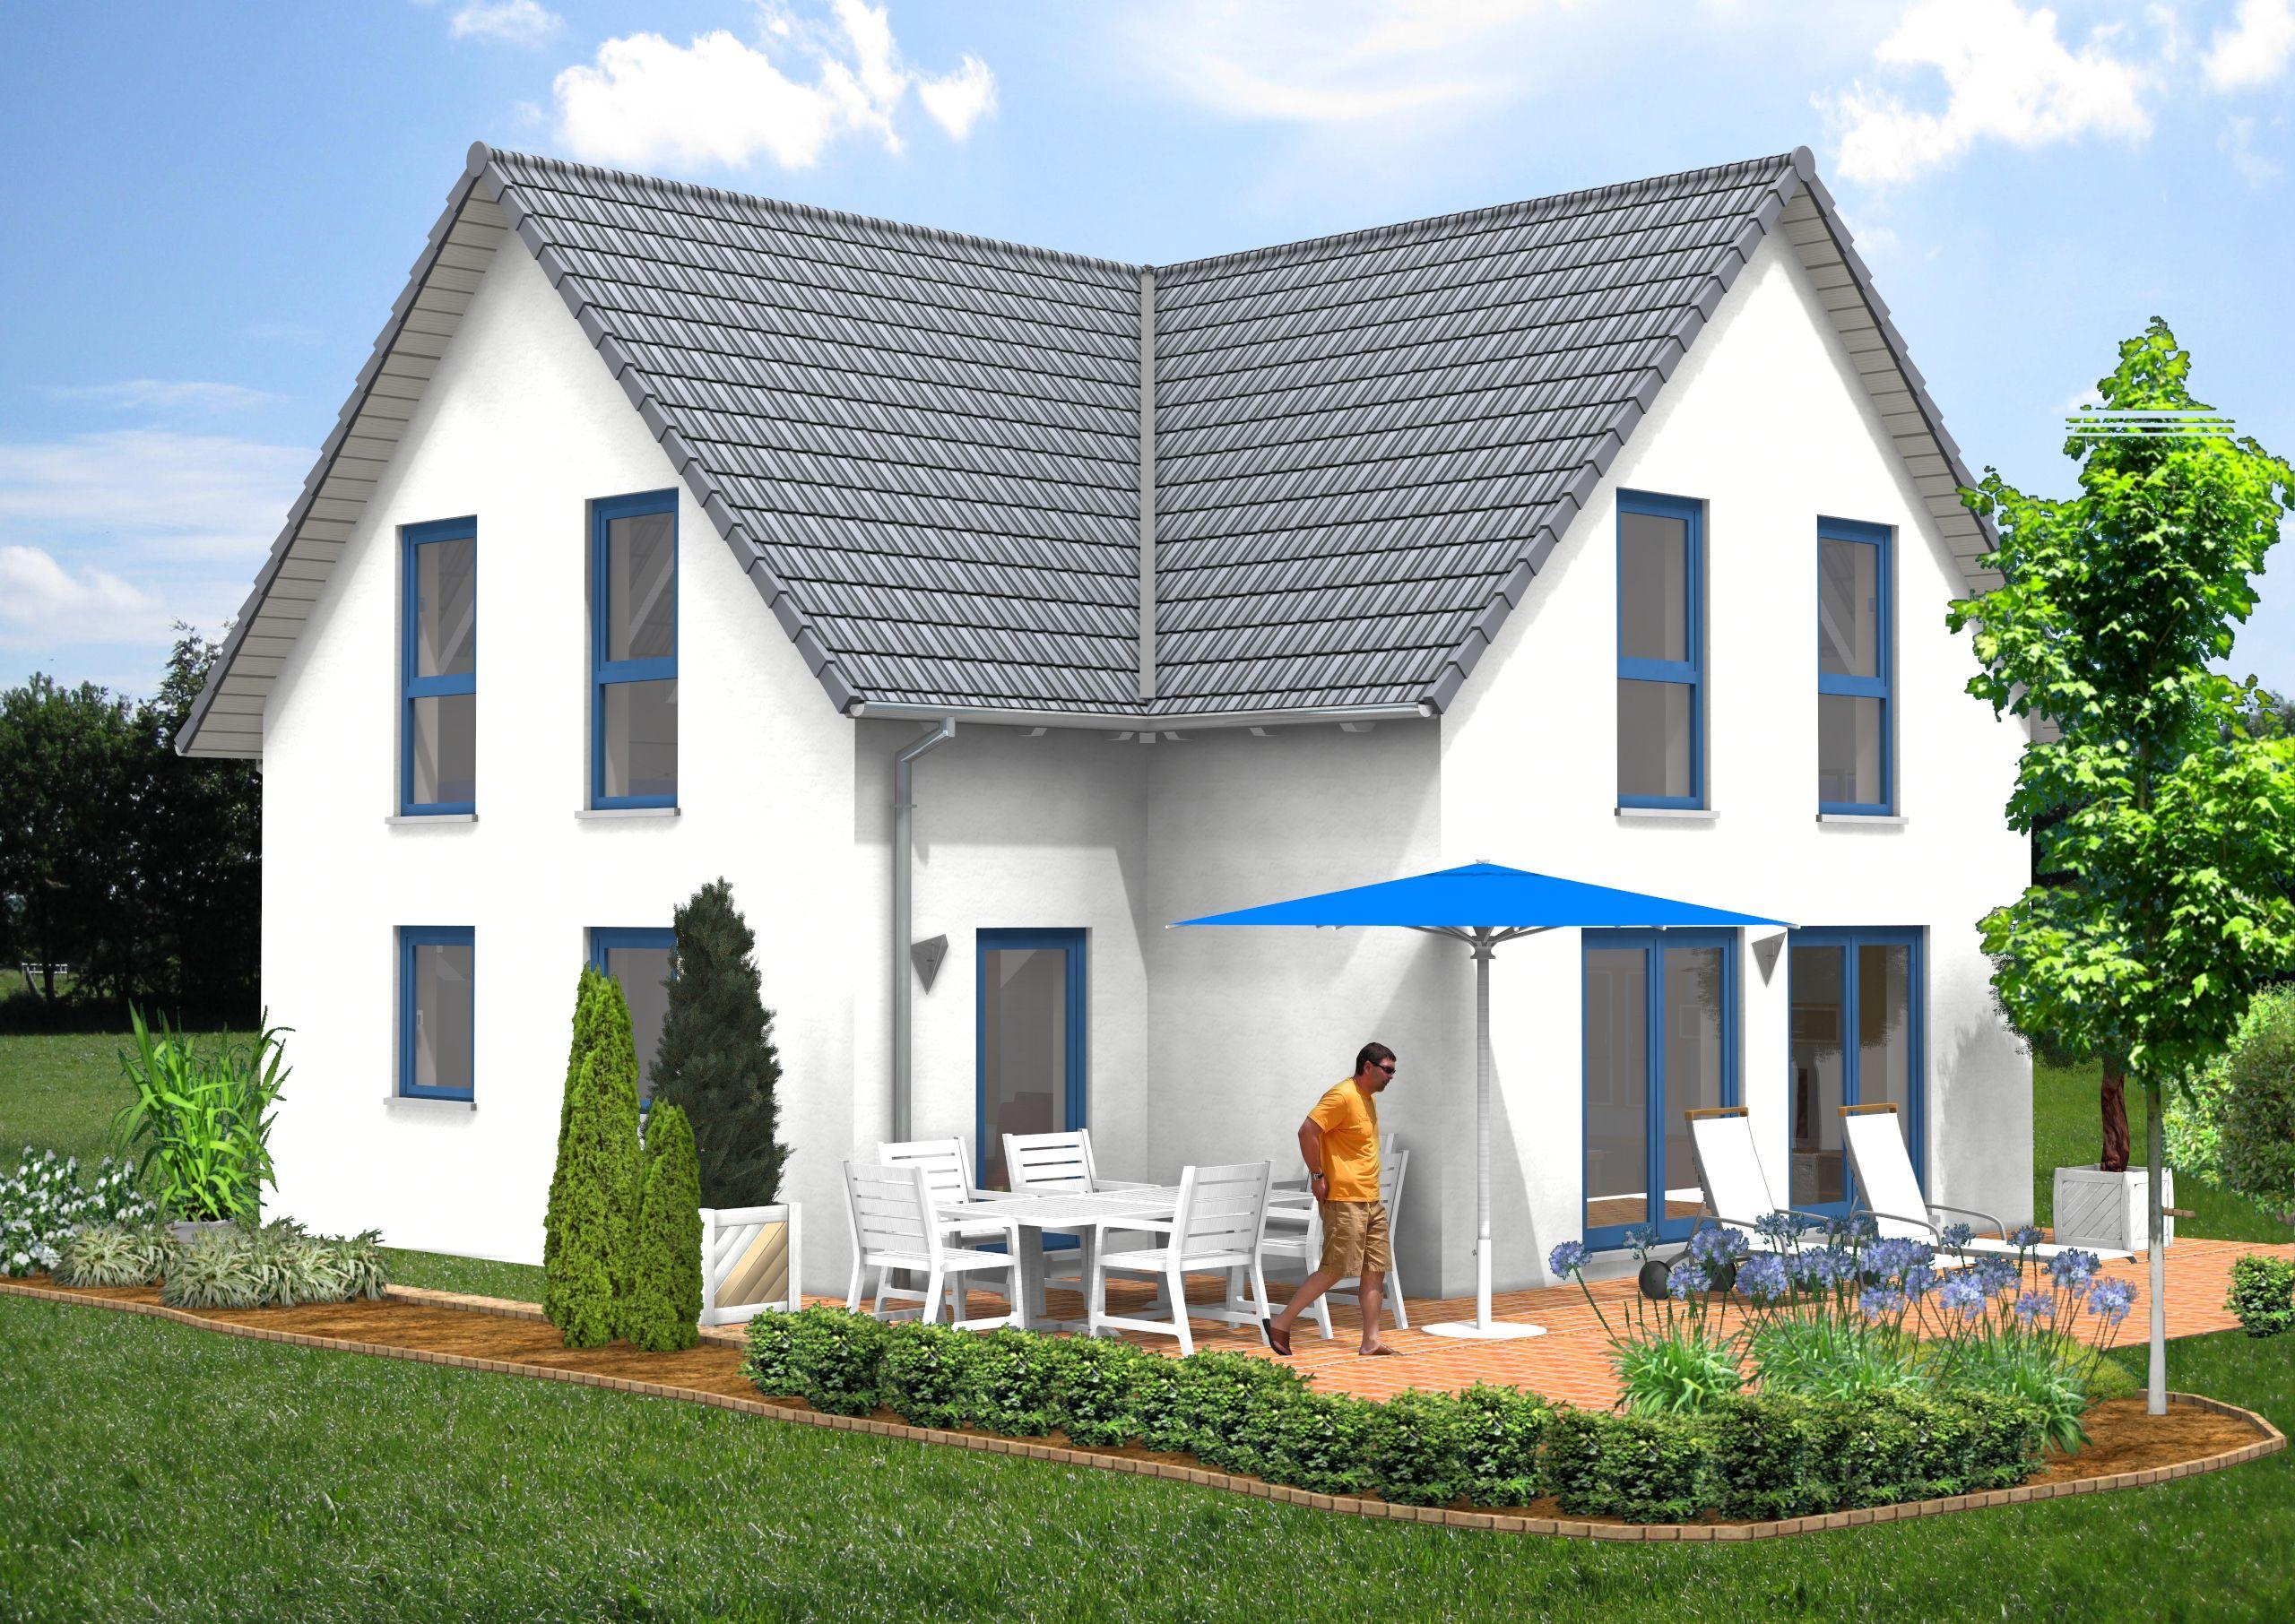 Ökologischer Hausbau in Kirchberg an der Iller. Ihr